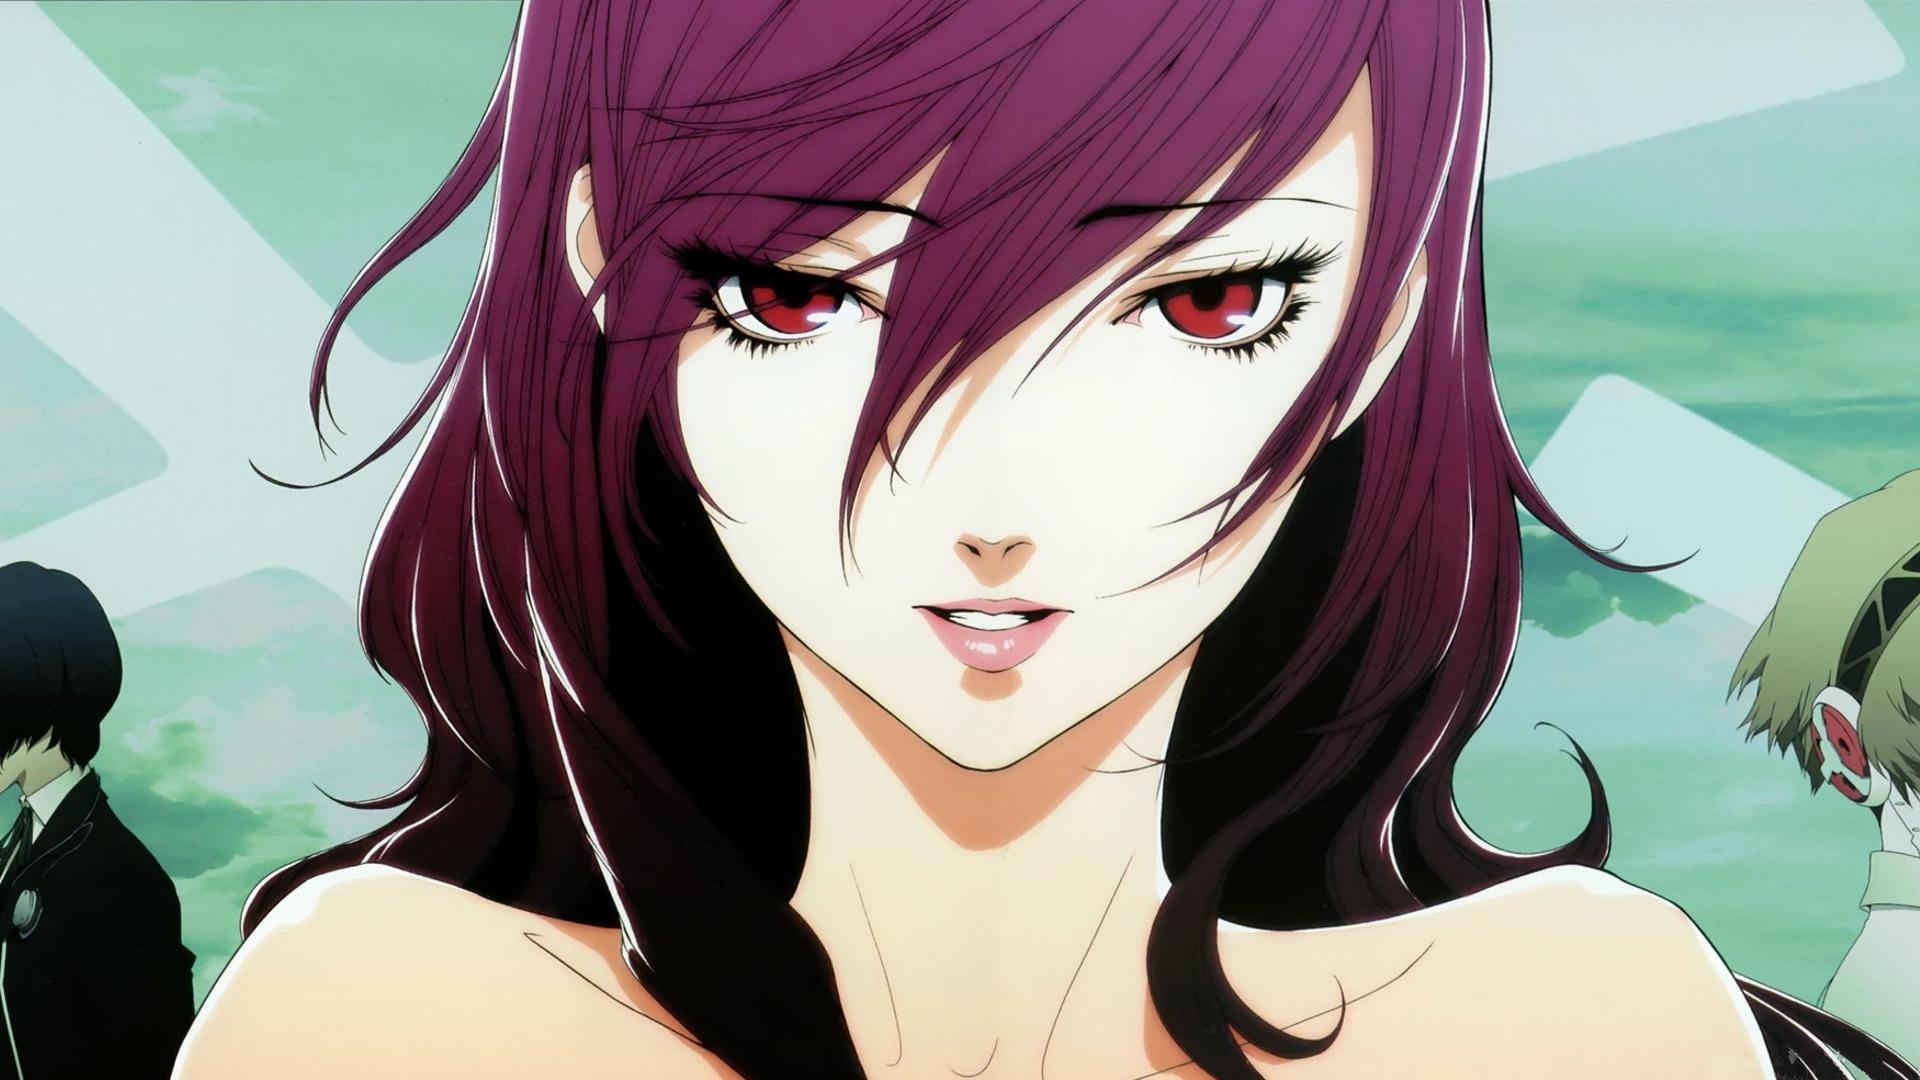 Persona 3 Anime